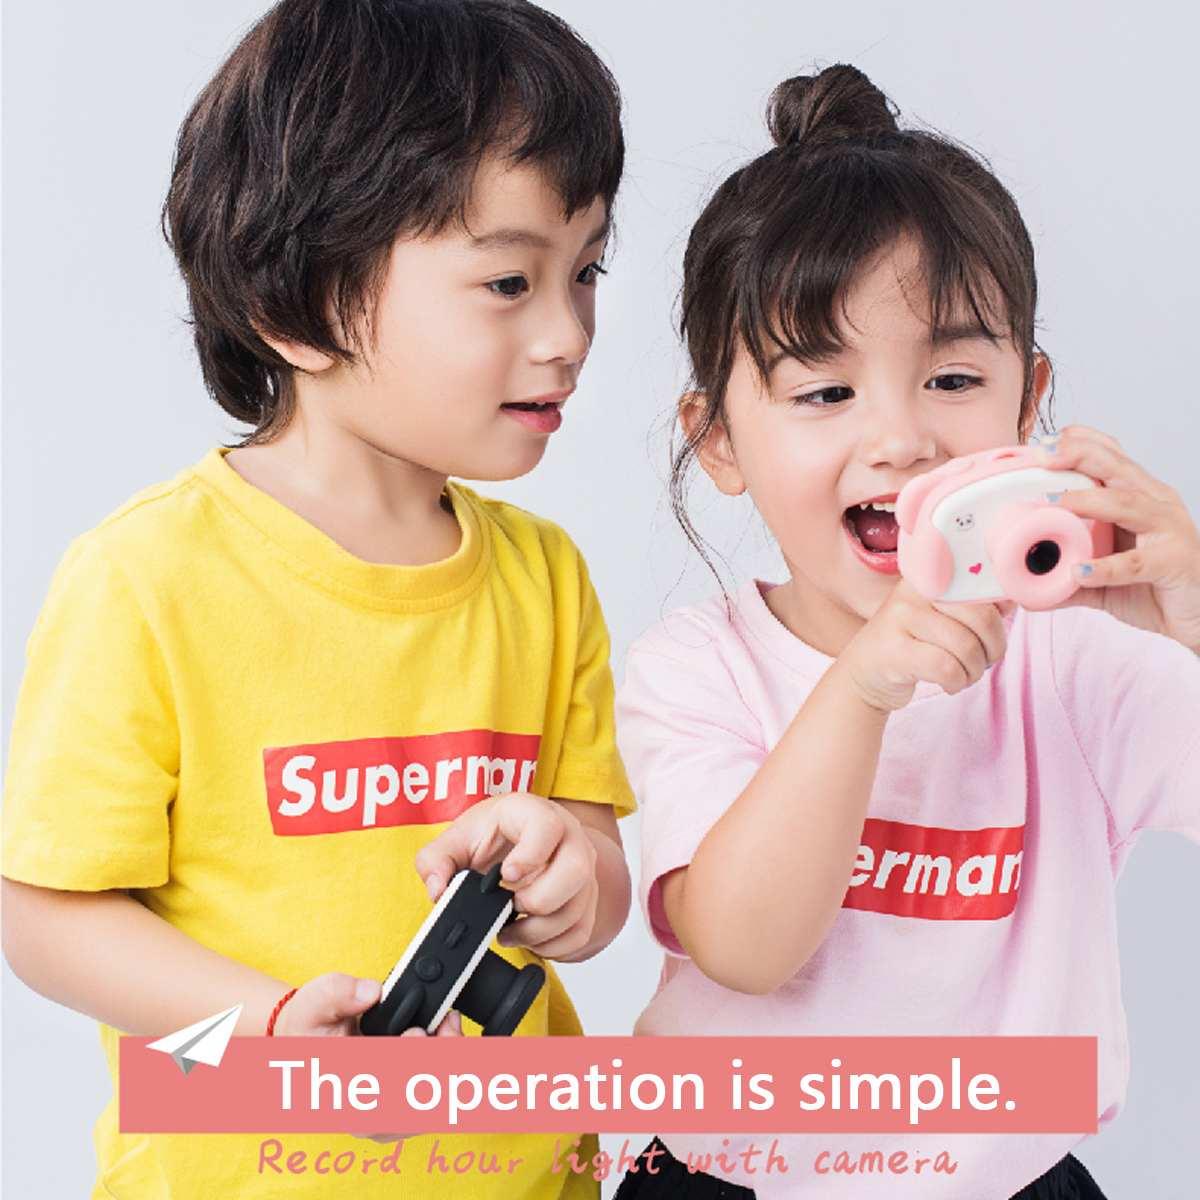 8.0MP 1.5 pouces HD écran enfant caméra jouets Mini belle Panda enfants Anti-secousse appareil photo numérique avec des autocollants de bande dessinée enfants cadeaux